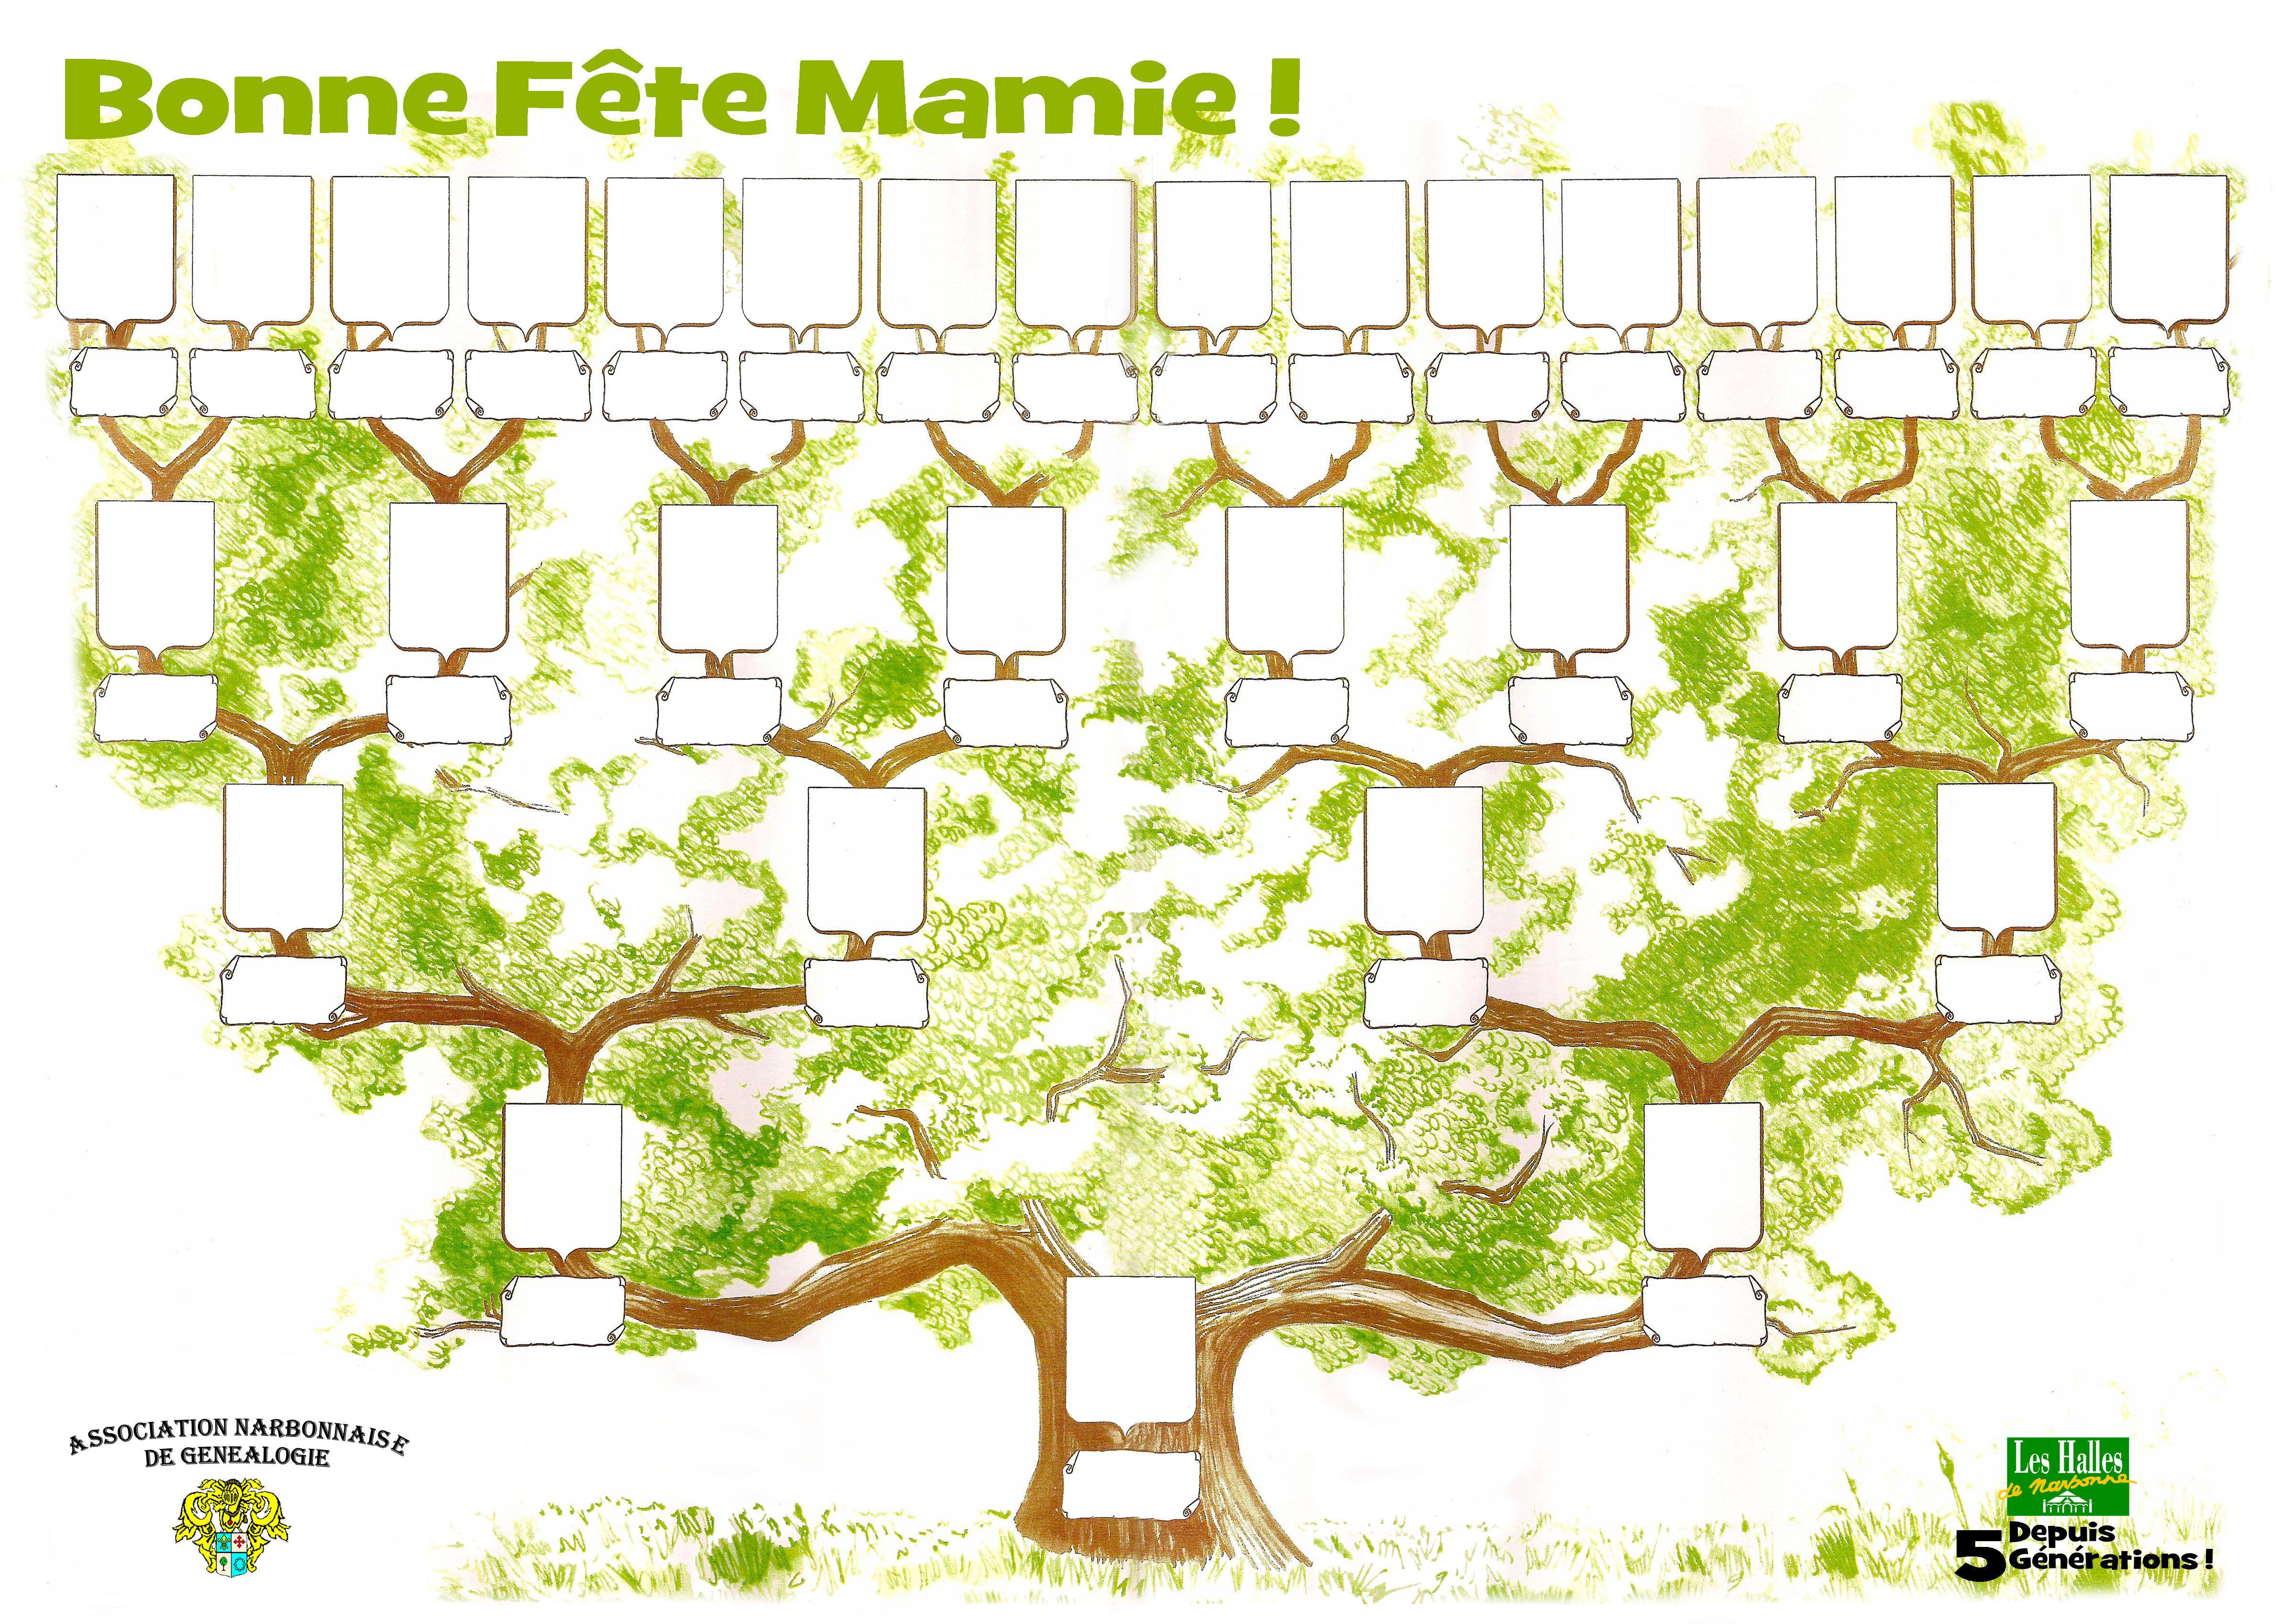 Arbre genealogique halles narbonne hd telechargement jpg - Arbre genealogique avec photo ...